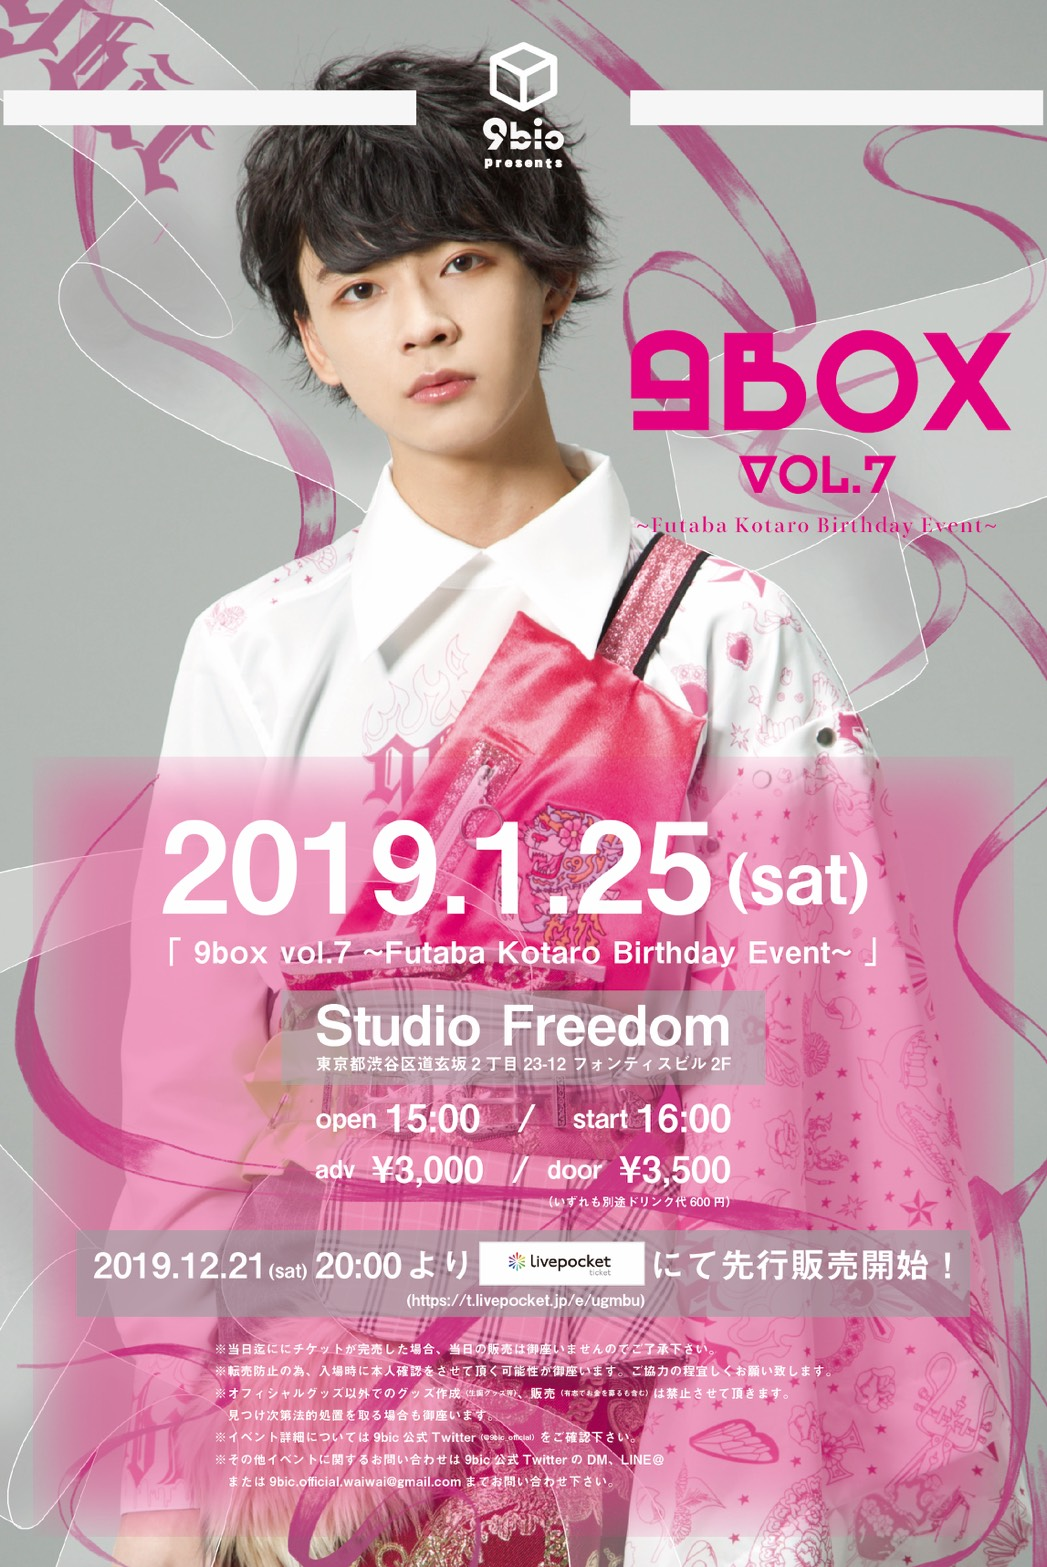 9box vol.7 ~Futaba Kotaro Birthday Event~